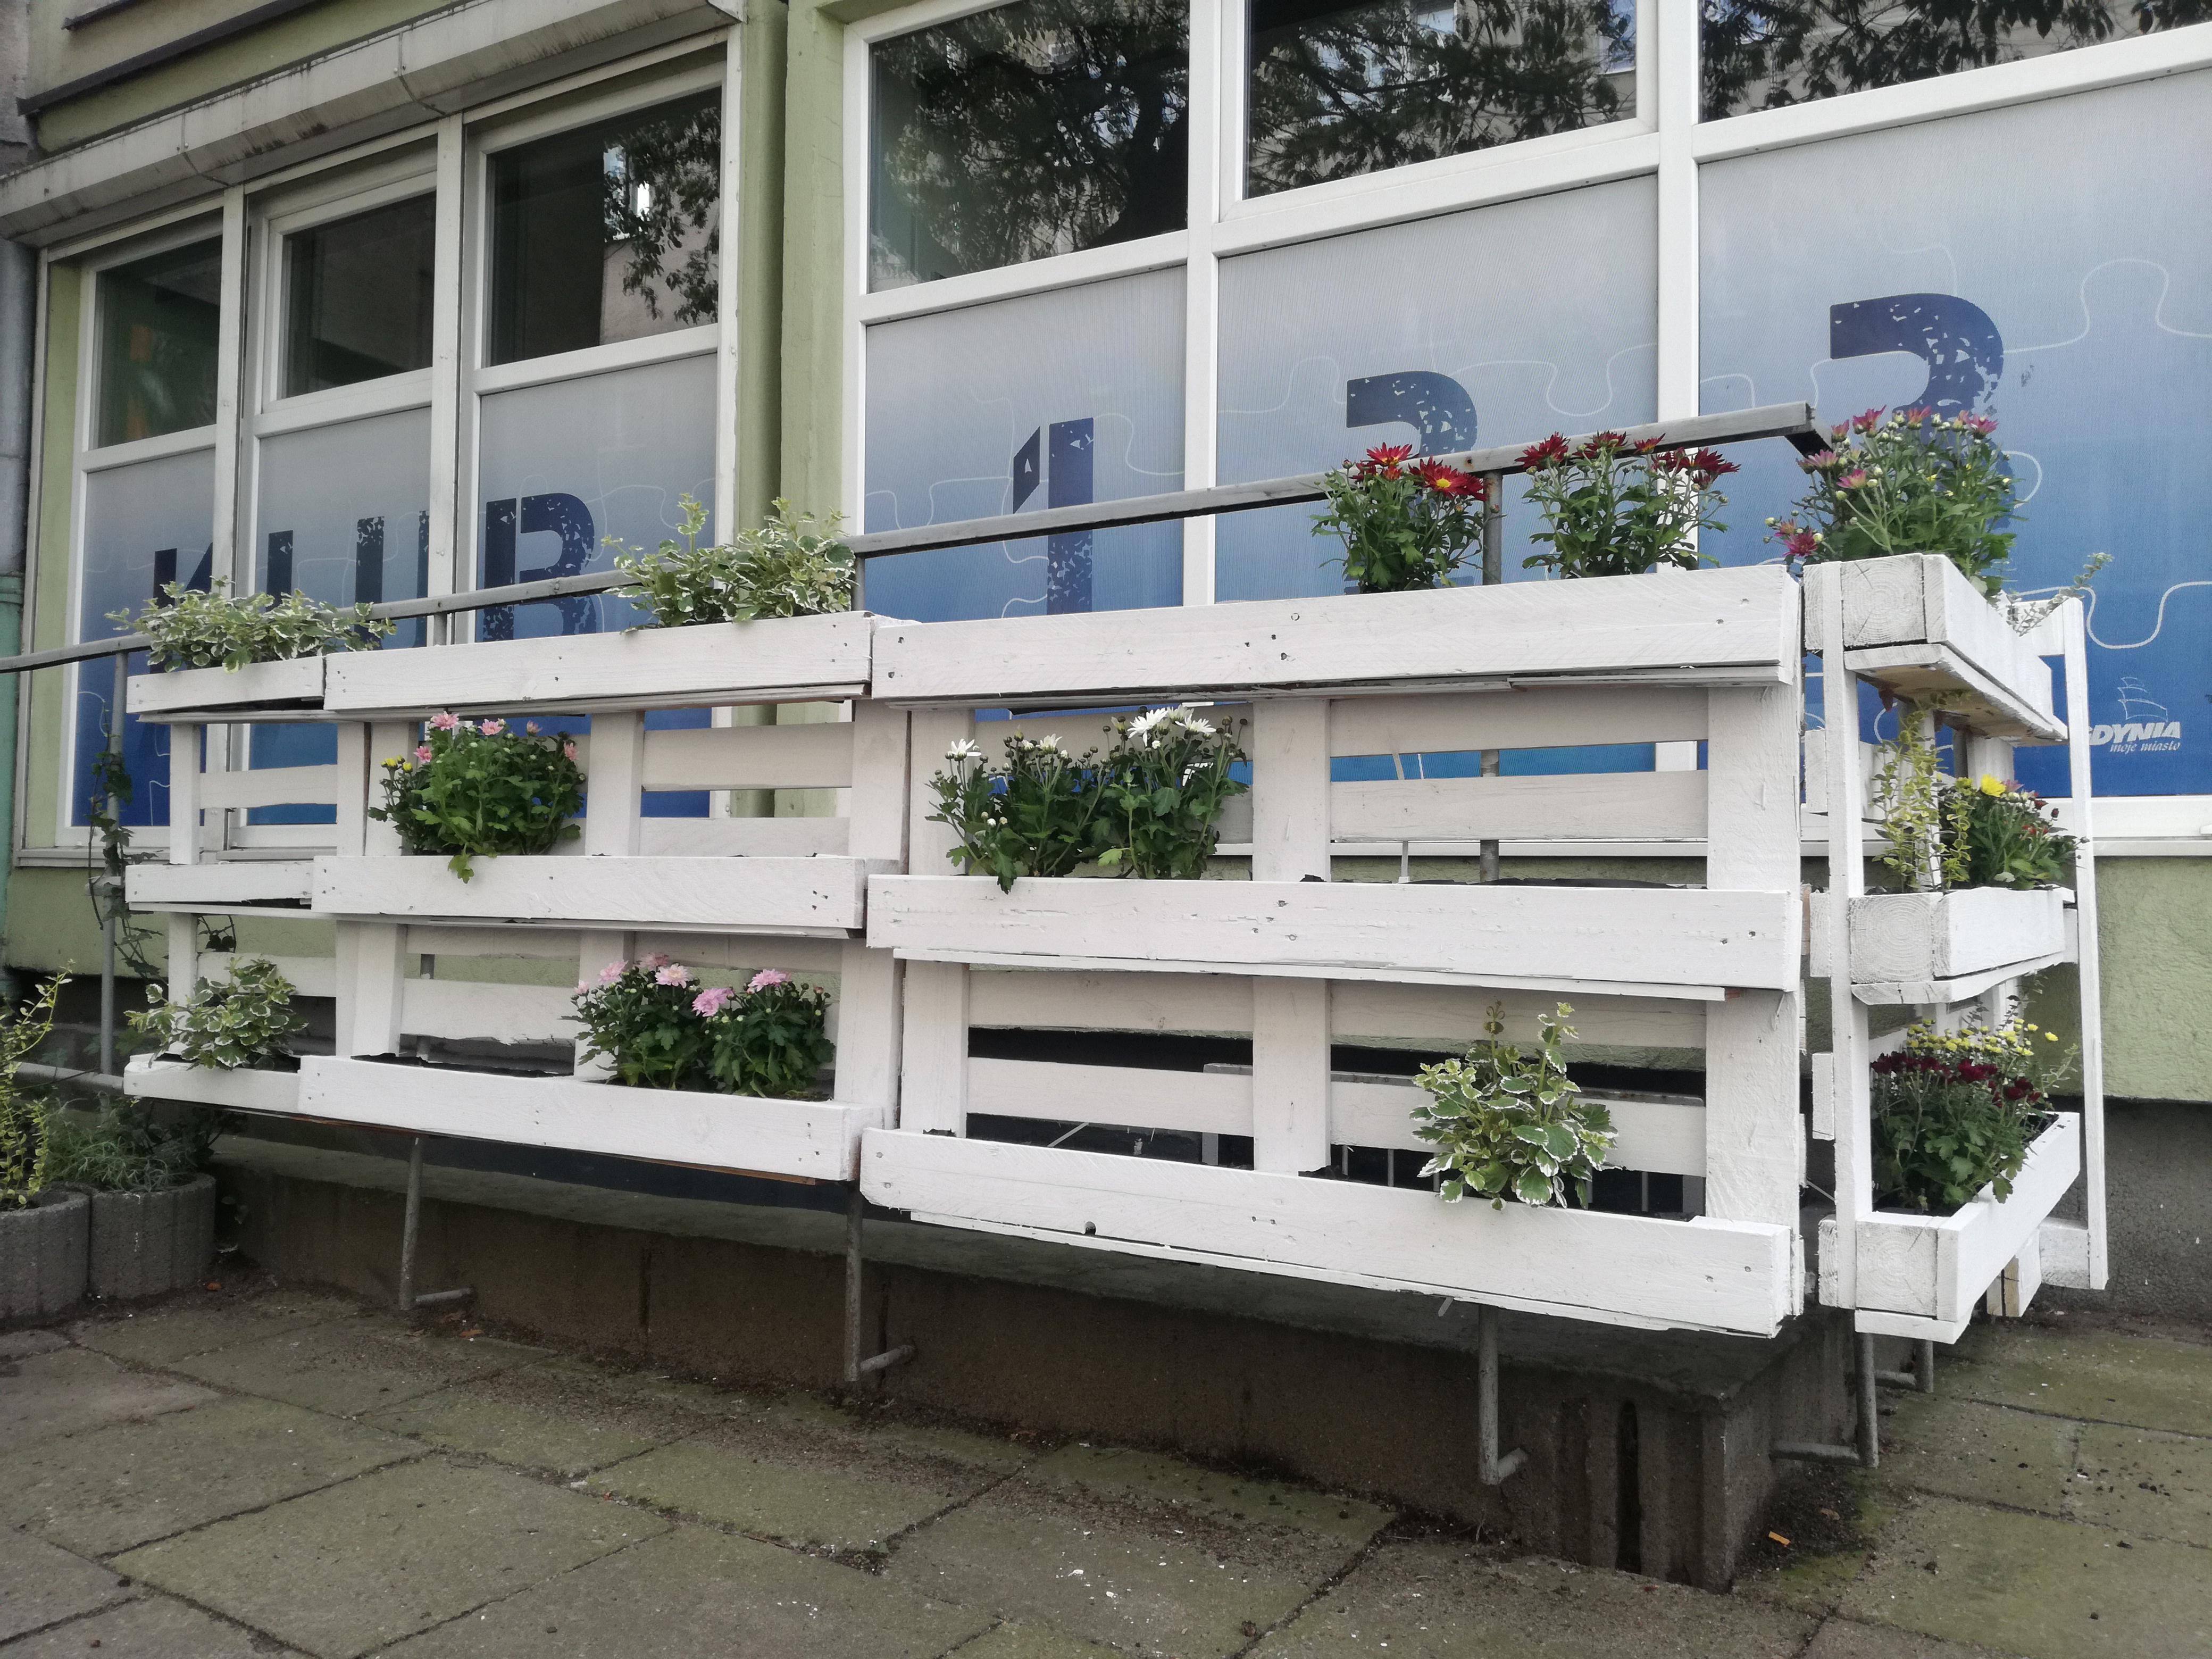 Ogród Centrum Samopomocy stworzony z palet pomalowanych na biało, w których umieszczone są doniczki z kwiatami i ziołami